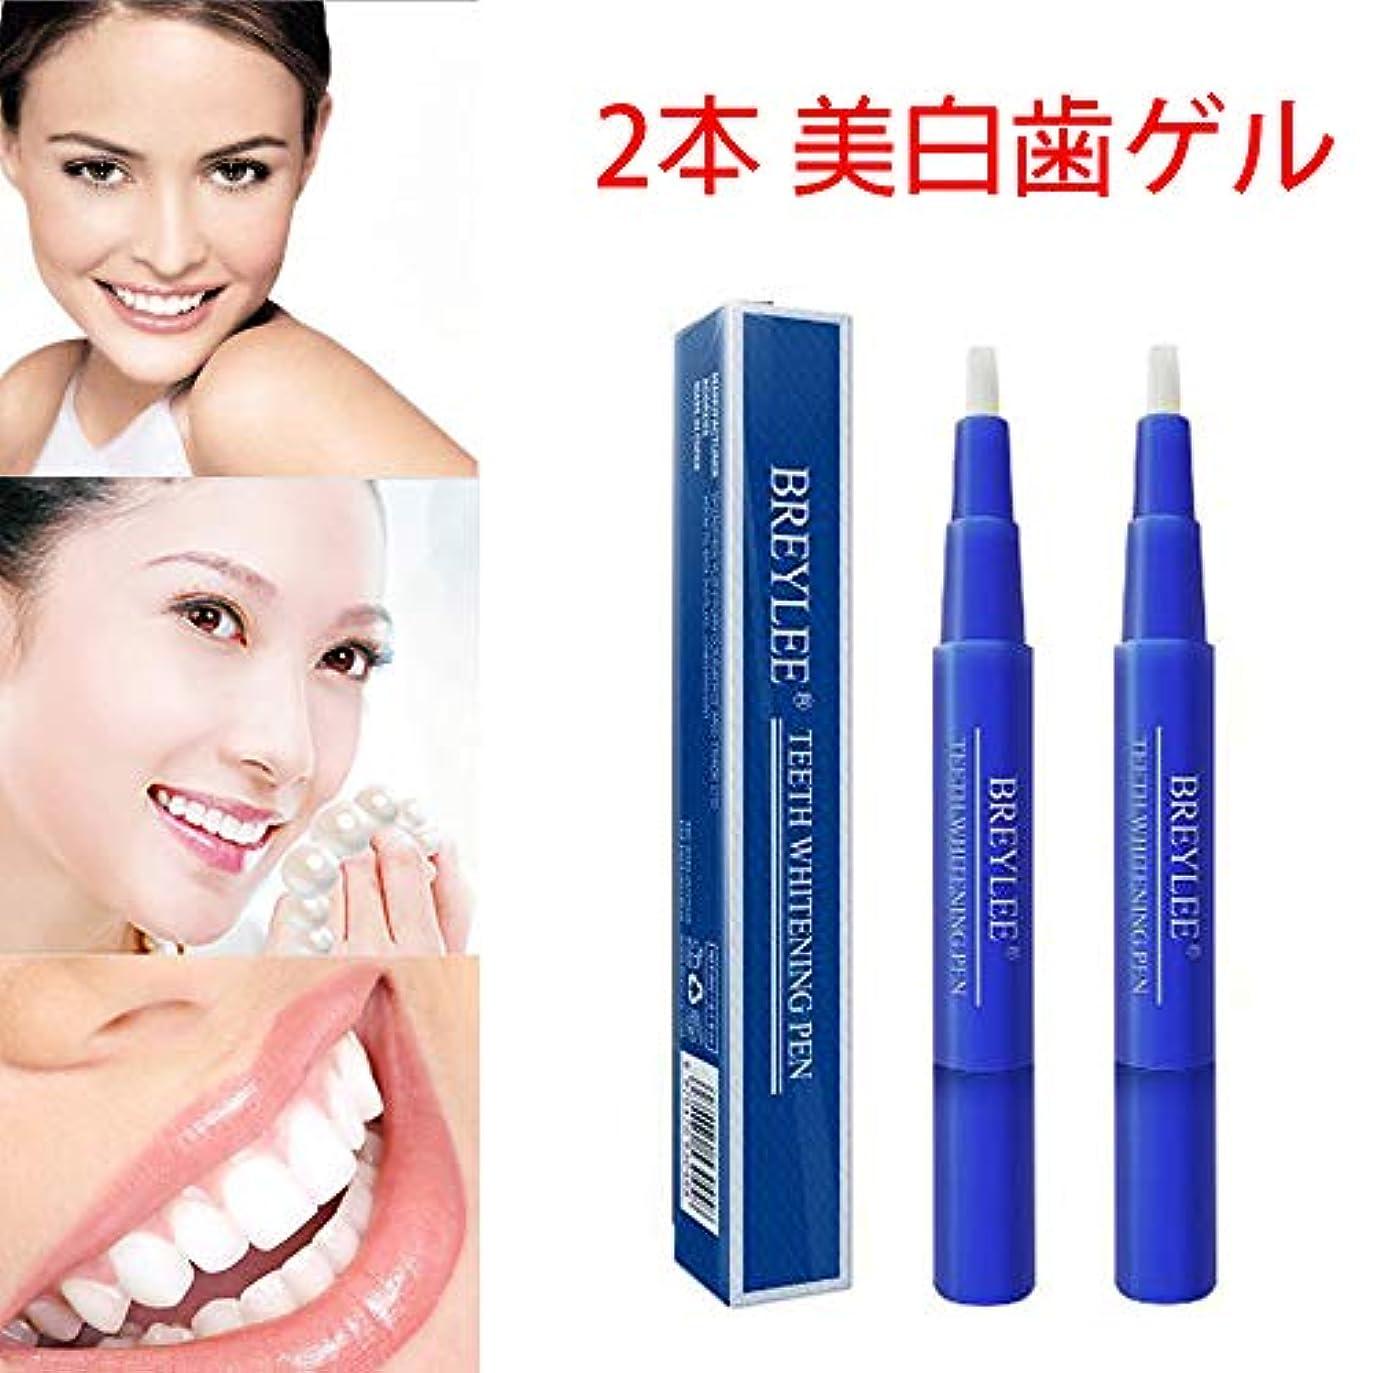 クリーム同様にひばり美白歯ゲル 歯 ホワイトニングペン ホワイトニングペン 歯ブラシ 輝く笑顔 口臭防止 歯周病防止 2本